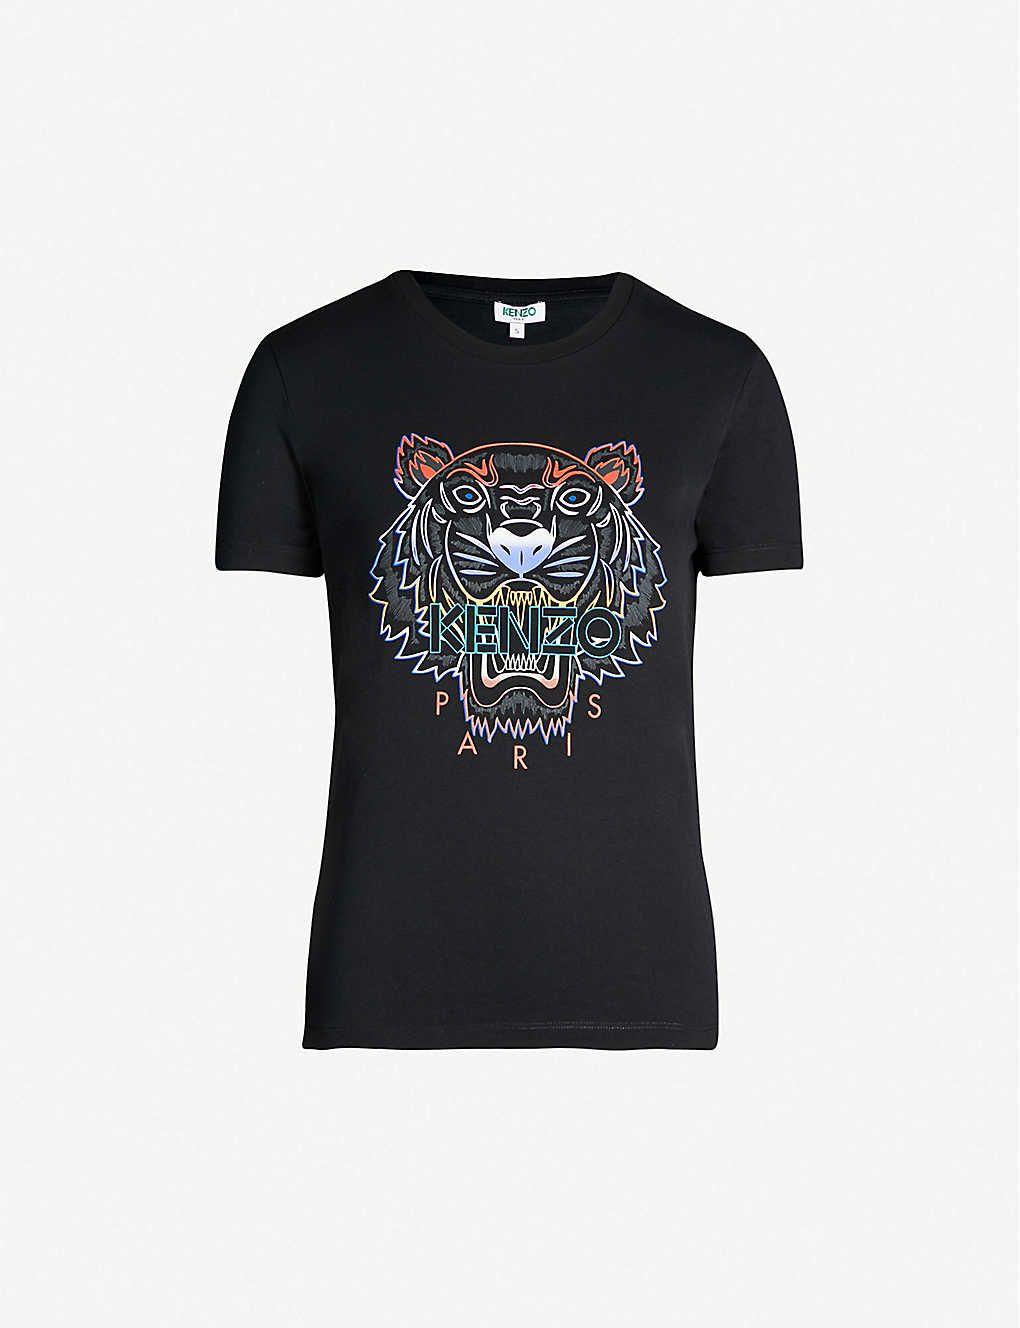 Gradient tiger cotton tshirt cotton tshirt shirts